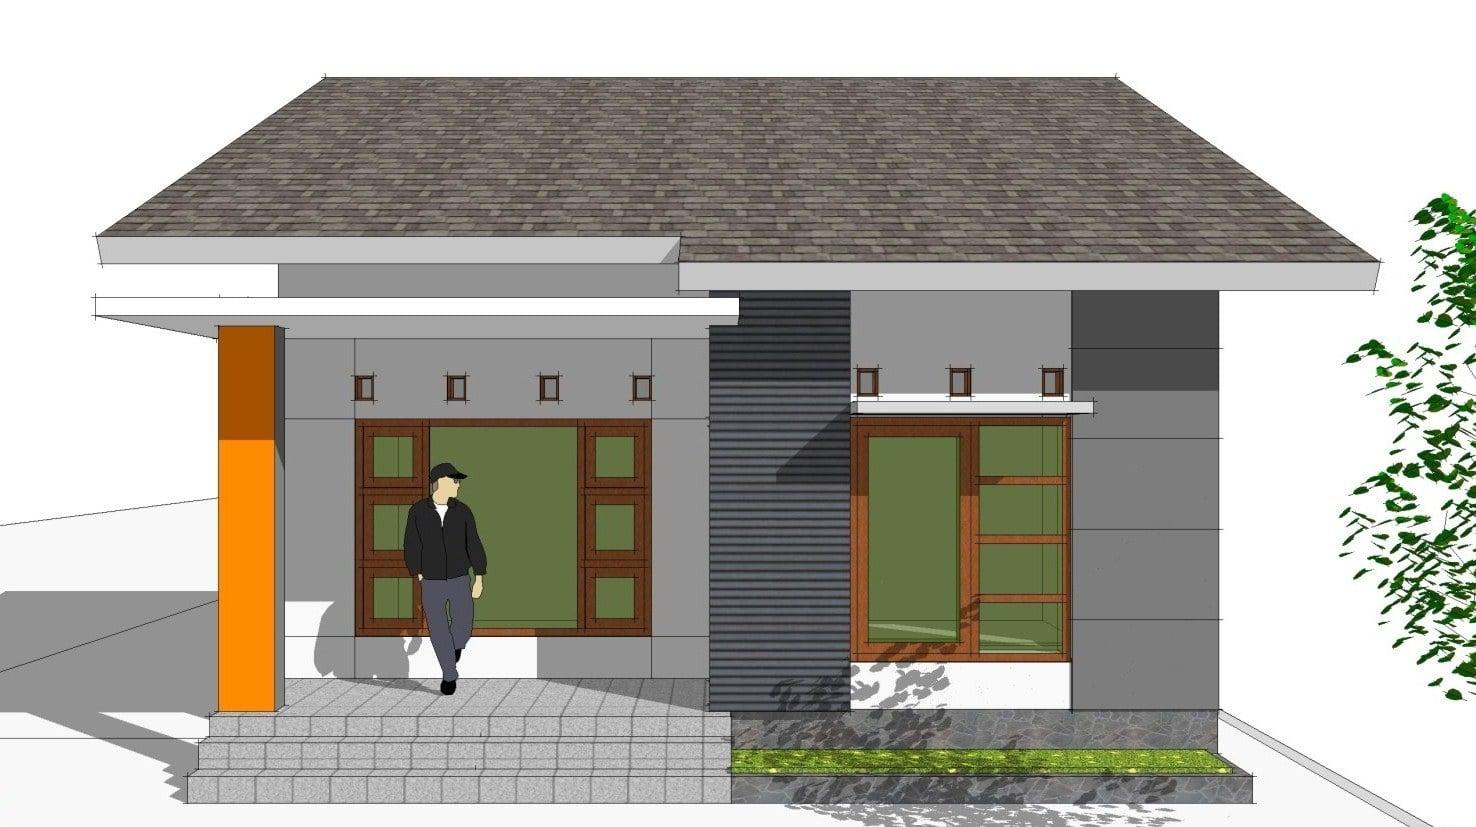 Menyenangkan 21 Gambar Rumah Panjang 91 Untuk Ide Renovasi Rumah untuk 21 Gambar Rumah Panjang